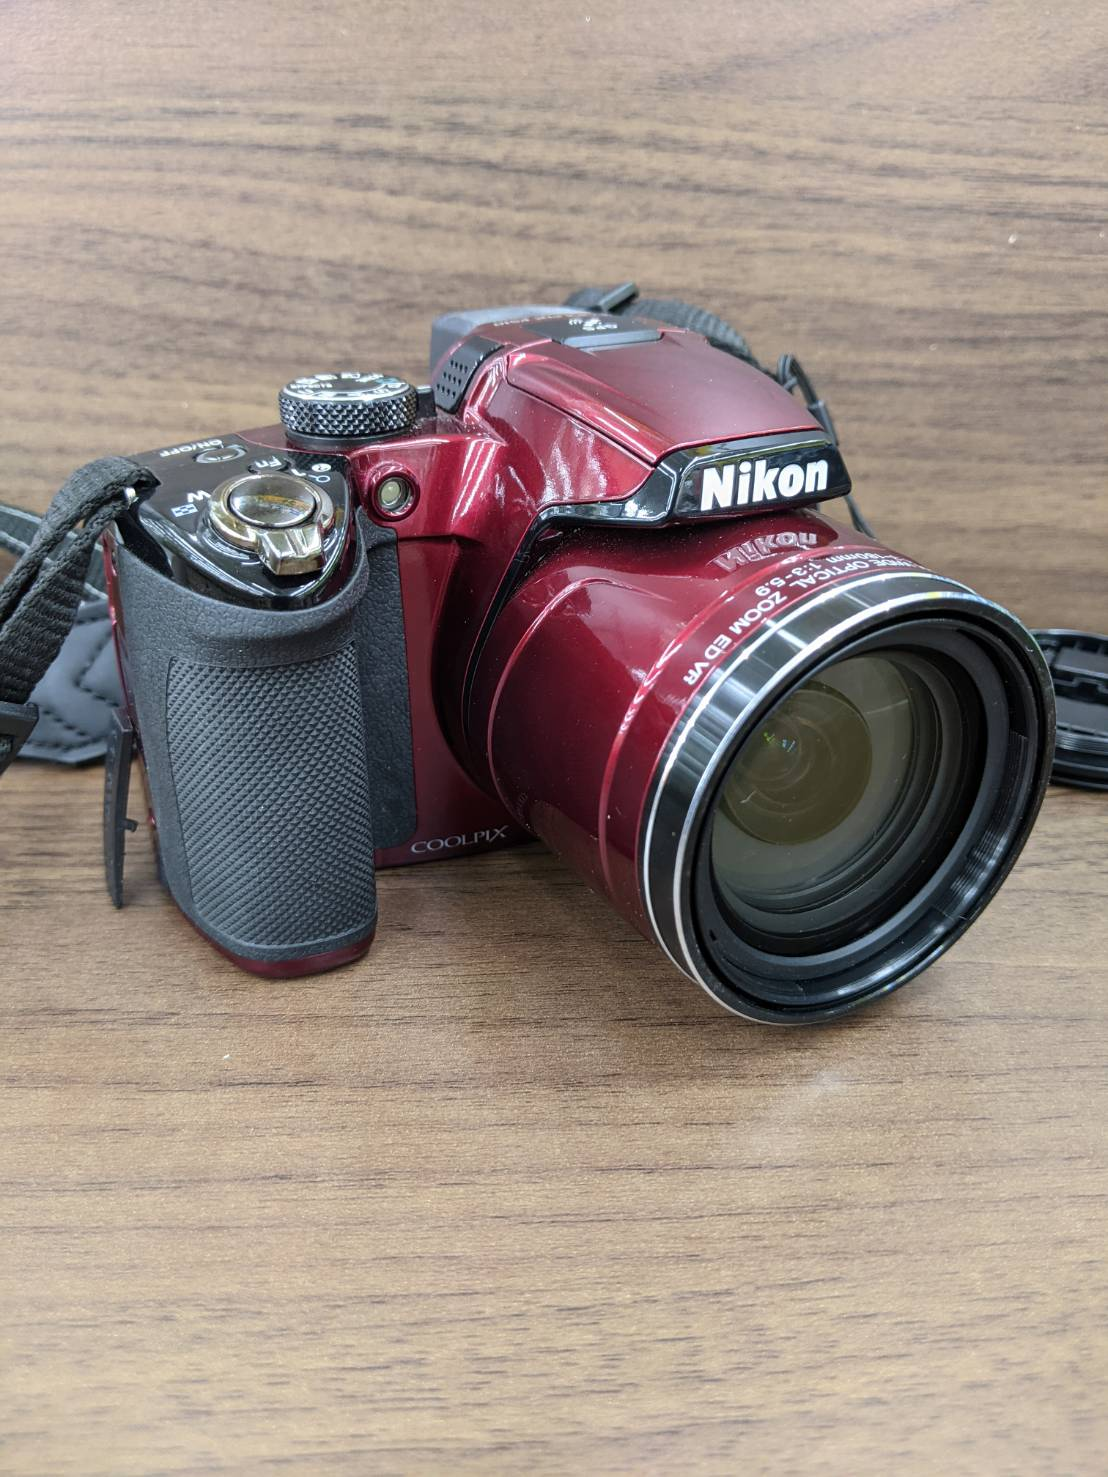 【Nikon COOLOIX P510 デジタルカメラ ニコン クールピクス】をお買い取りいたしました!の買取-